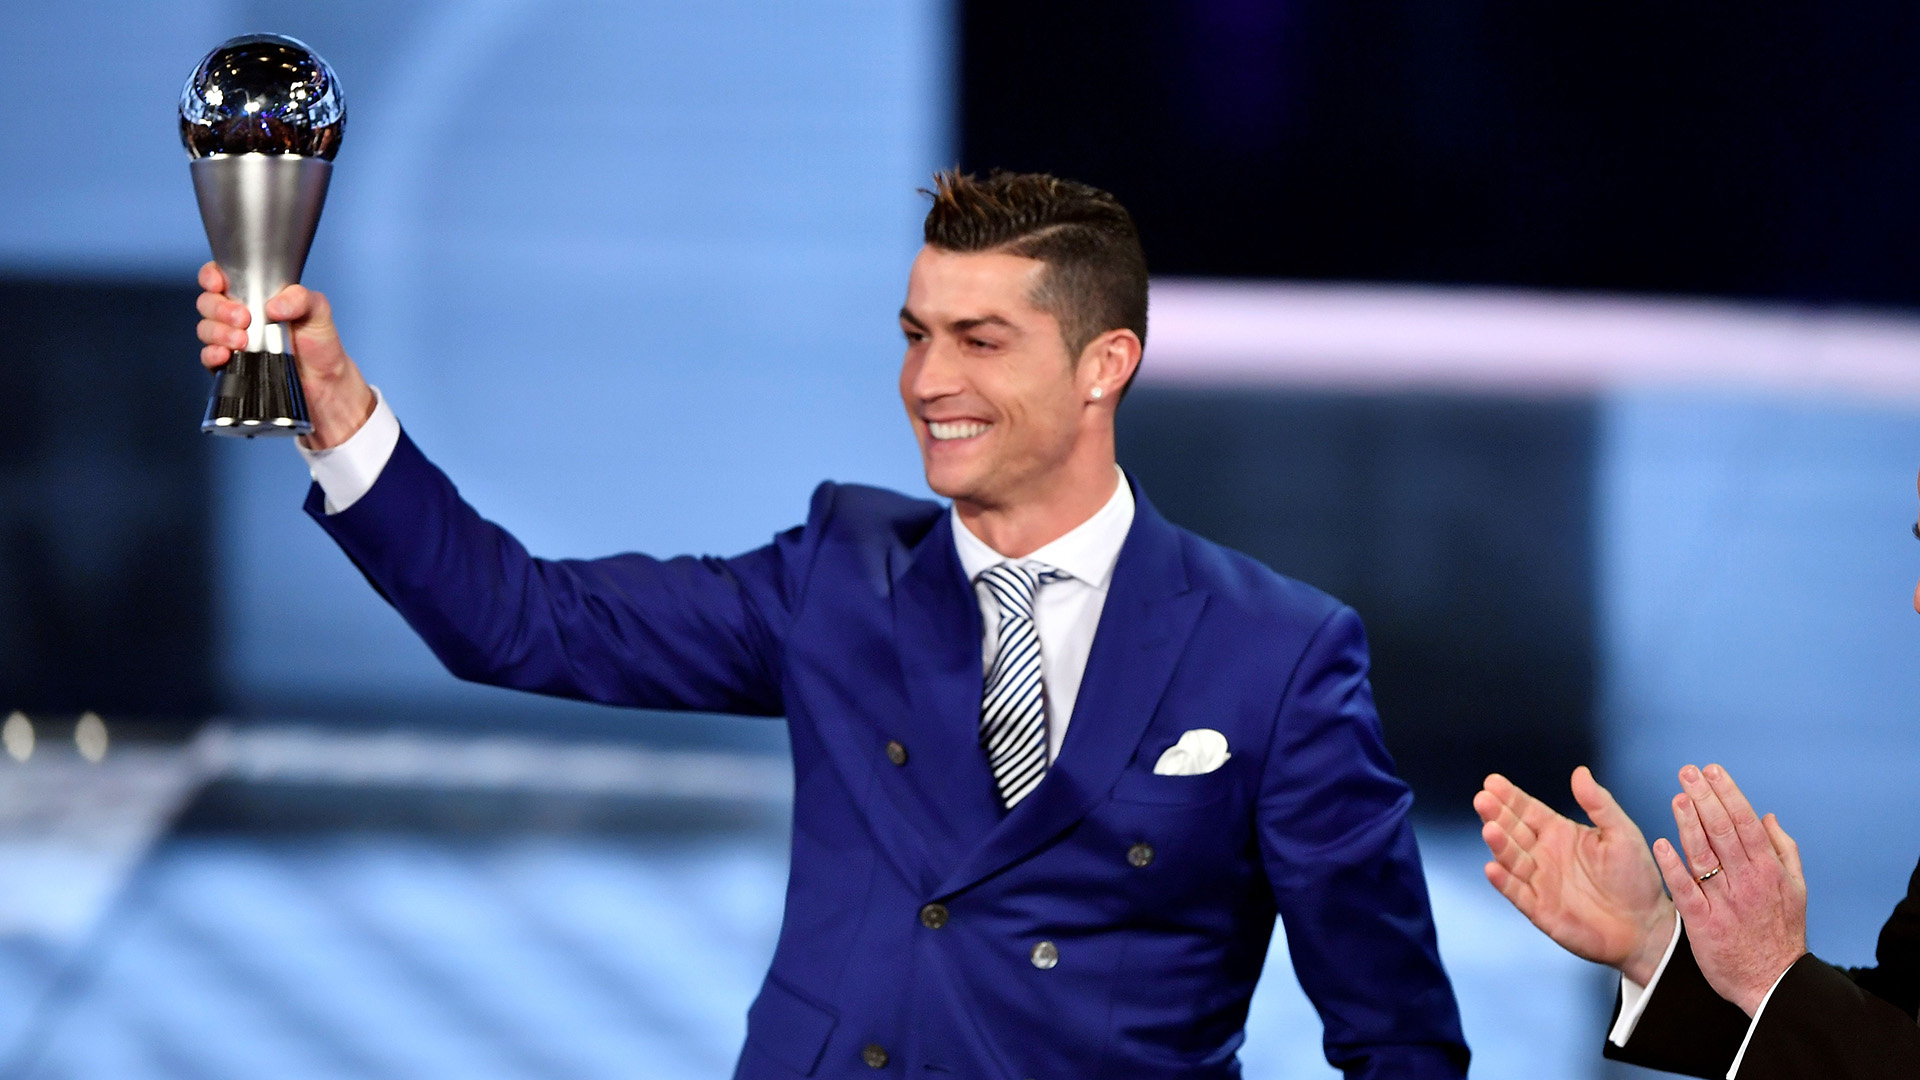 Cristiano Ronaldo 2017 FIFA The Best Awards 09012017